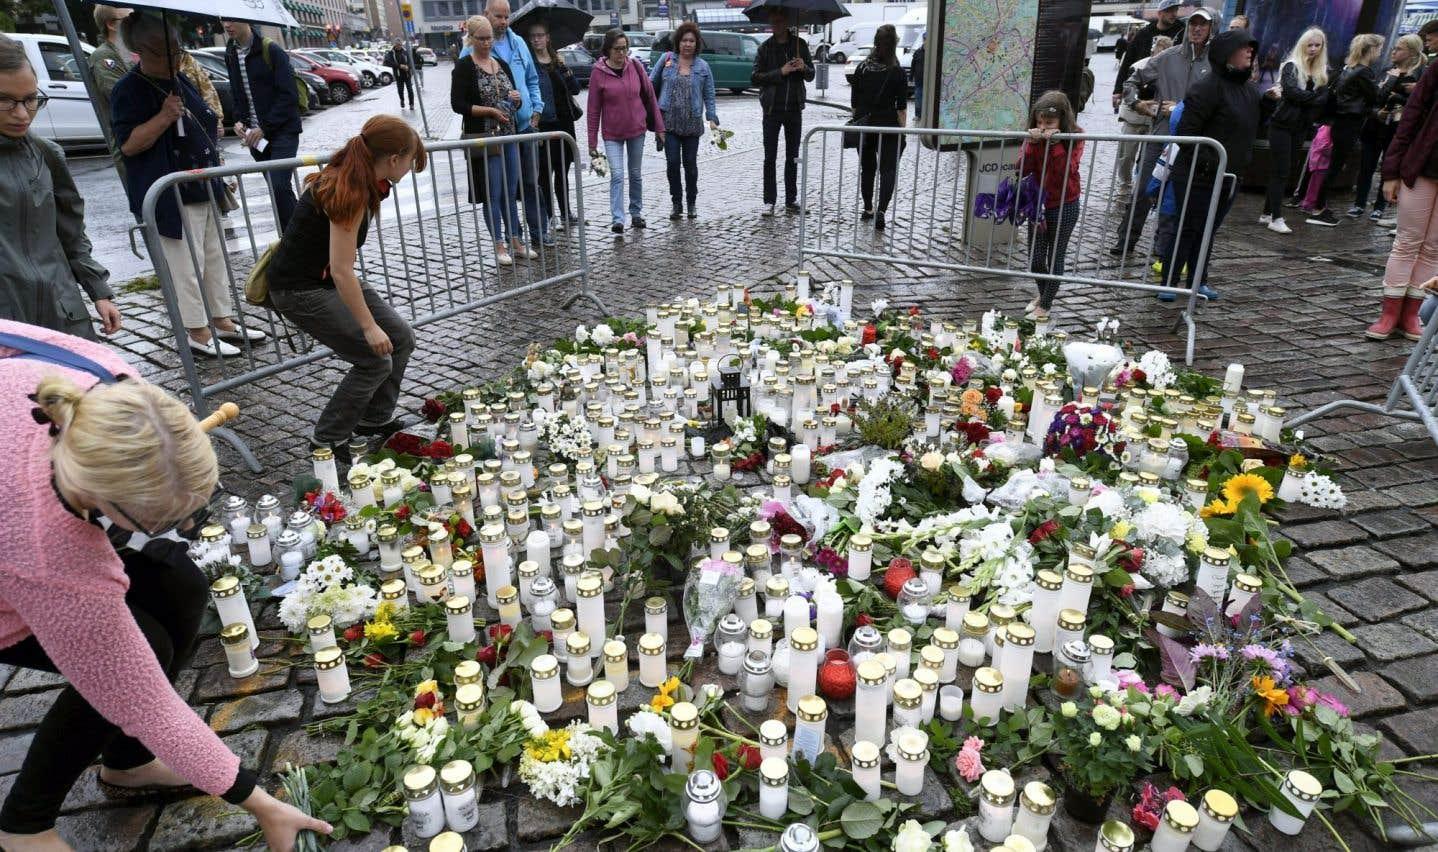 Finlande: l'attaque au couteau considérée comme «terroriste»